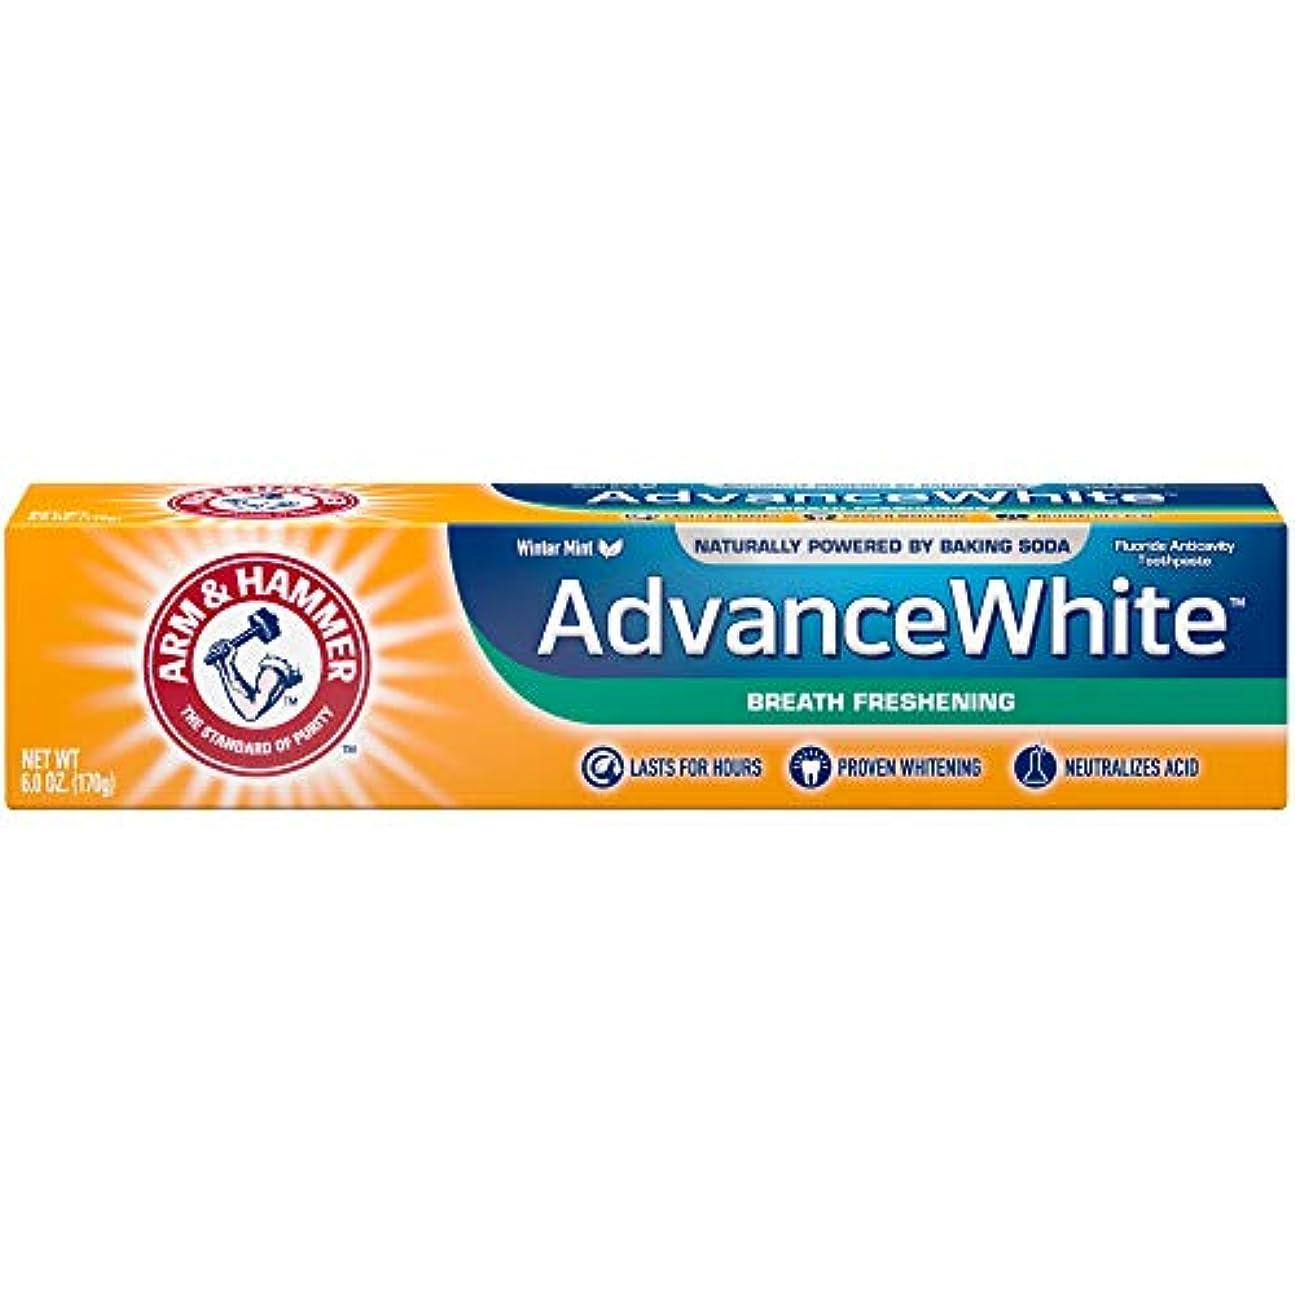 ホーン政策完了アーム&ハマー アドバンス ホワイト 歯磨き粉 ブレス フレッシュニング 170g Advance White Breath Freshing Baking Soda & Frosted Mint